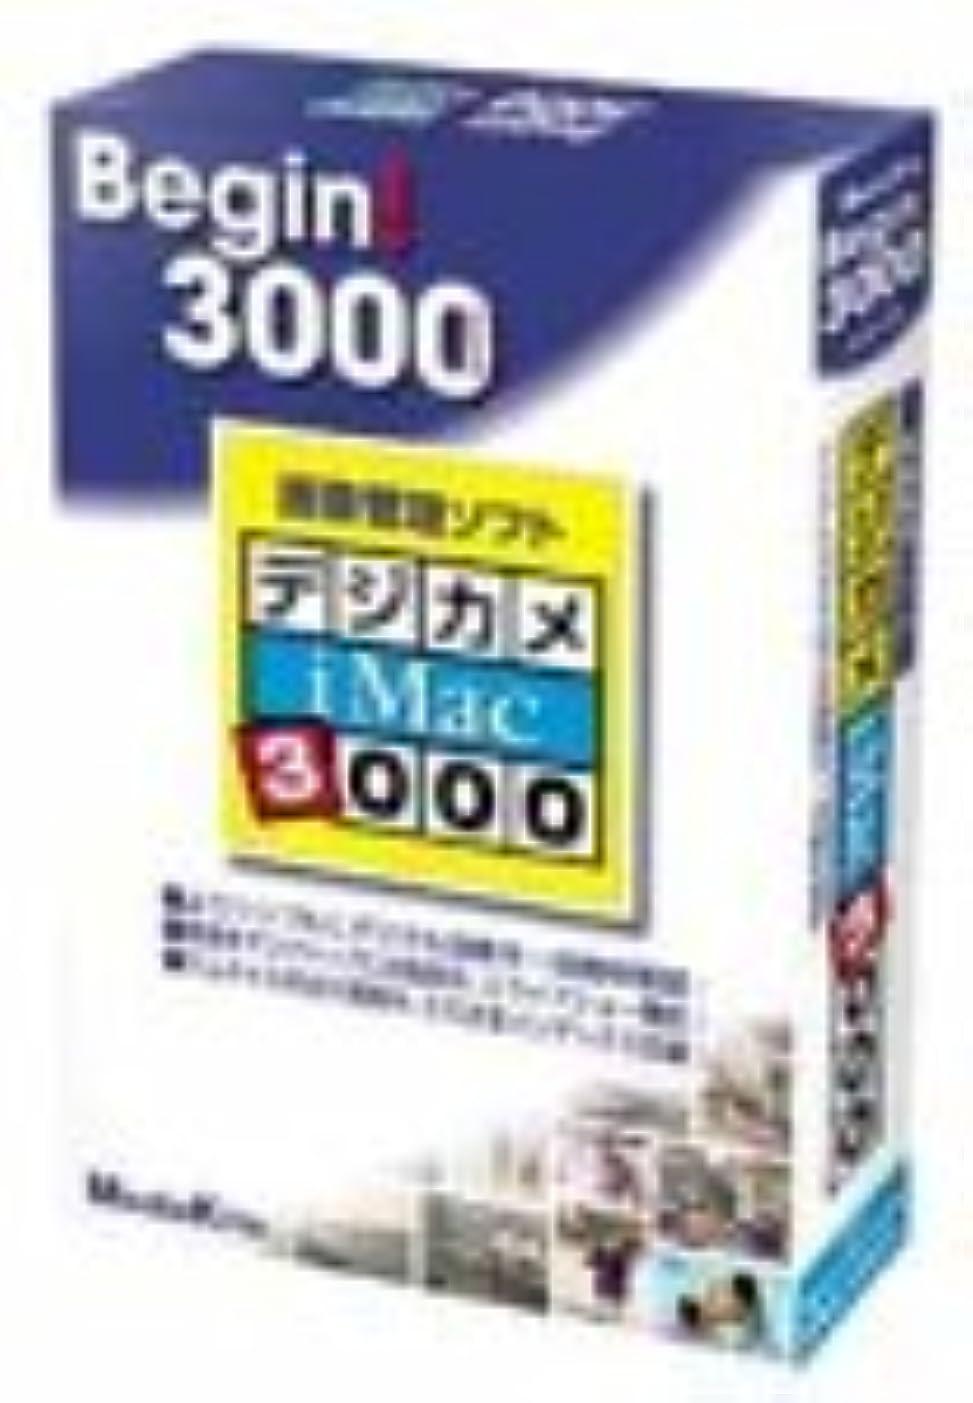 に勝る成り立つ失業デジカメ iMac 3000